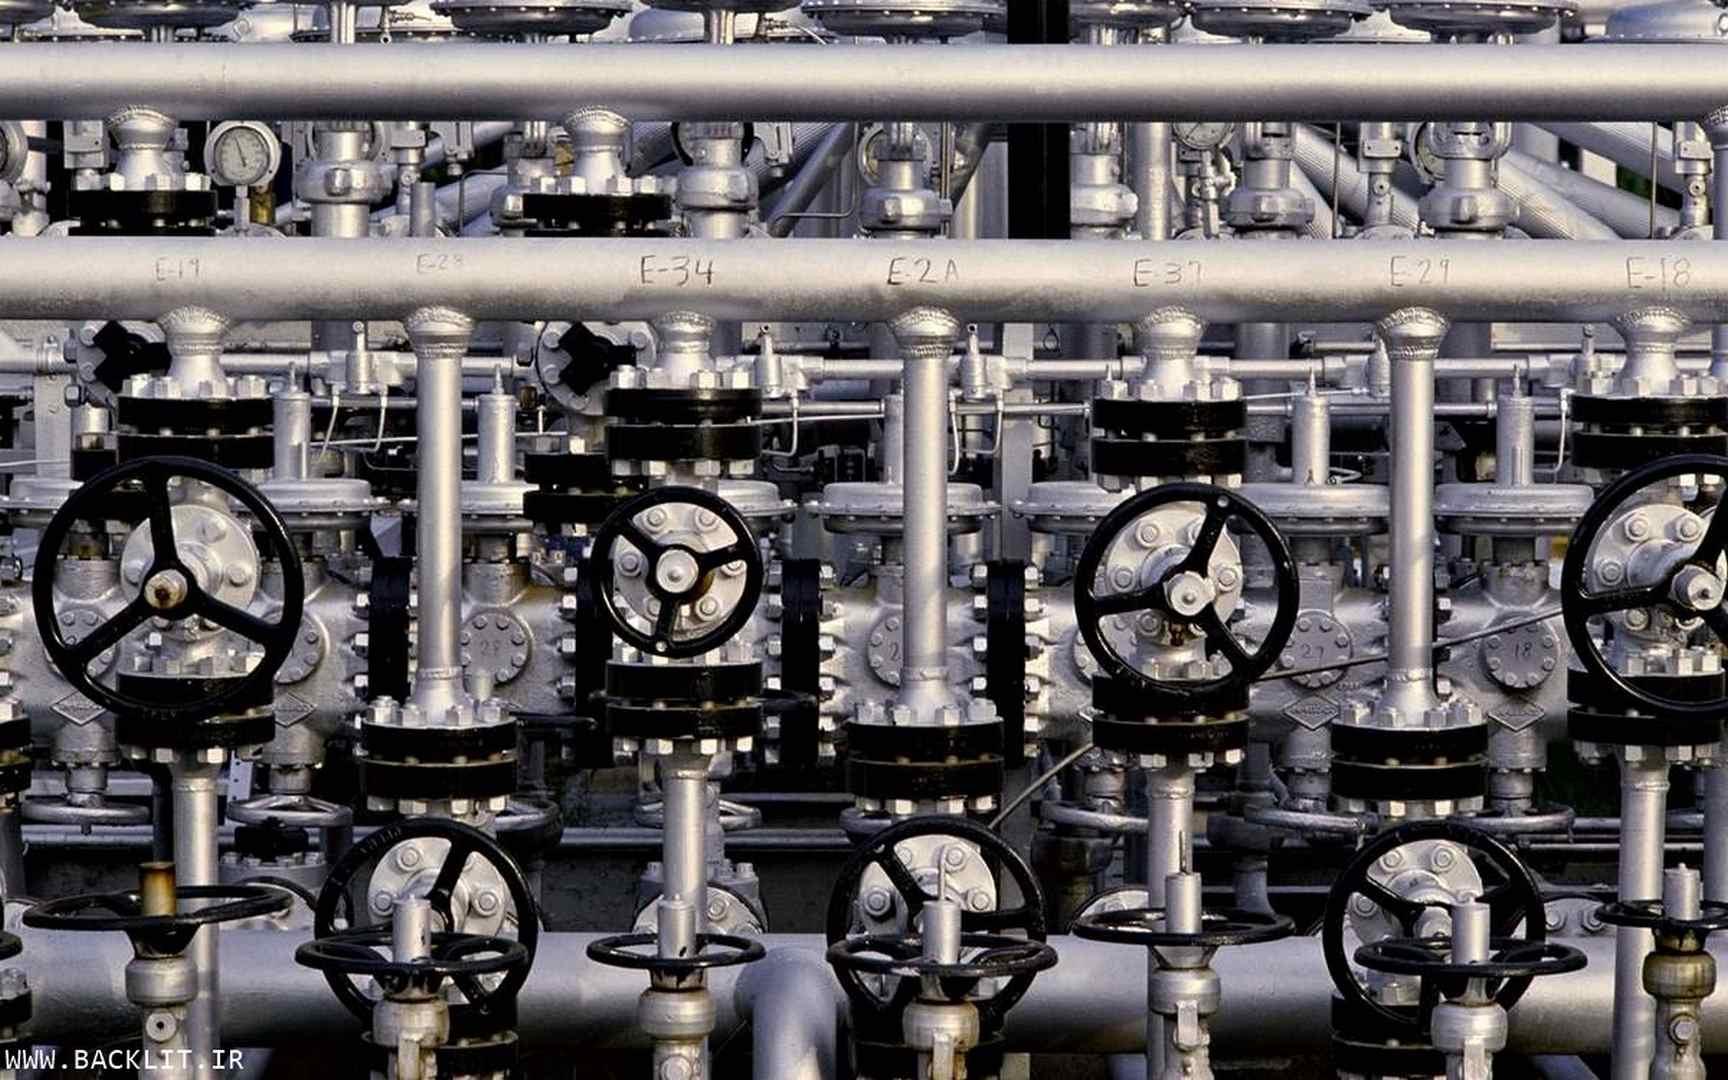 عکس تاسیسات صنعتی وپالایشگاهی 91